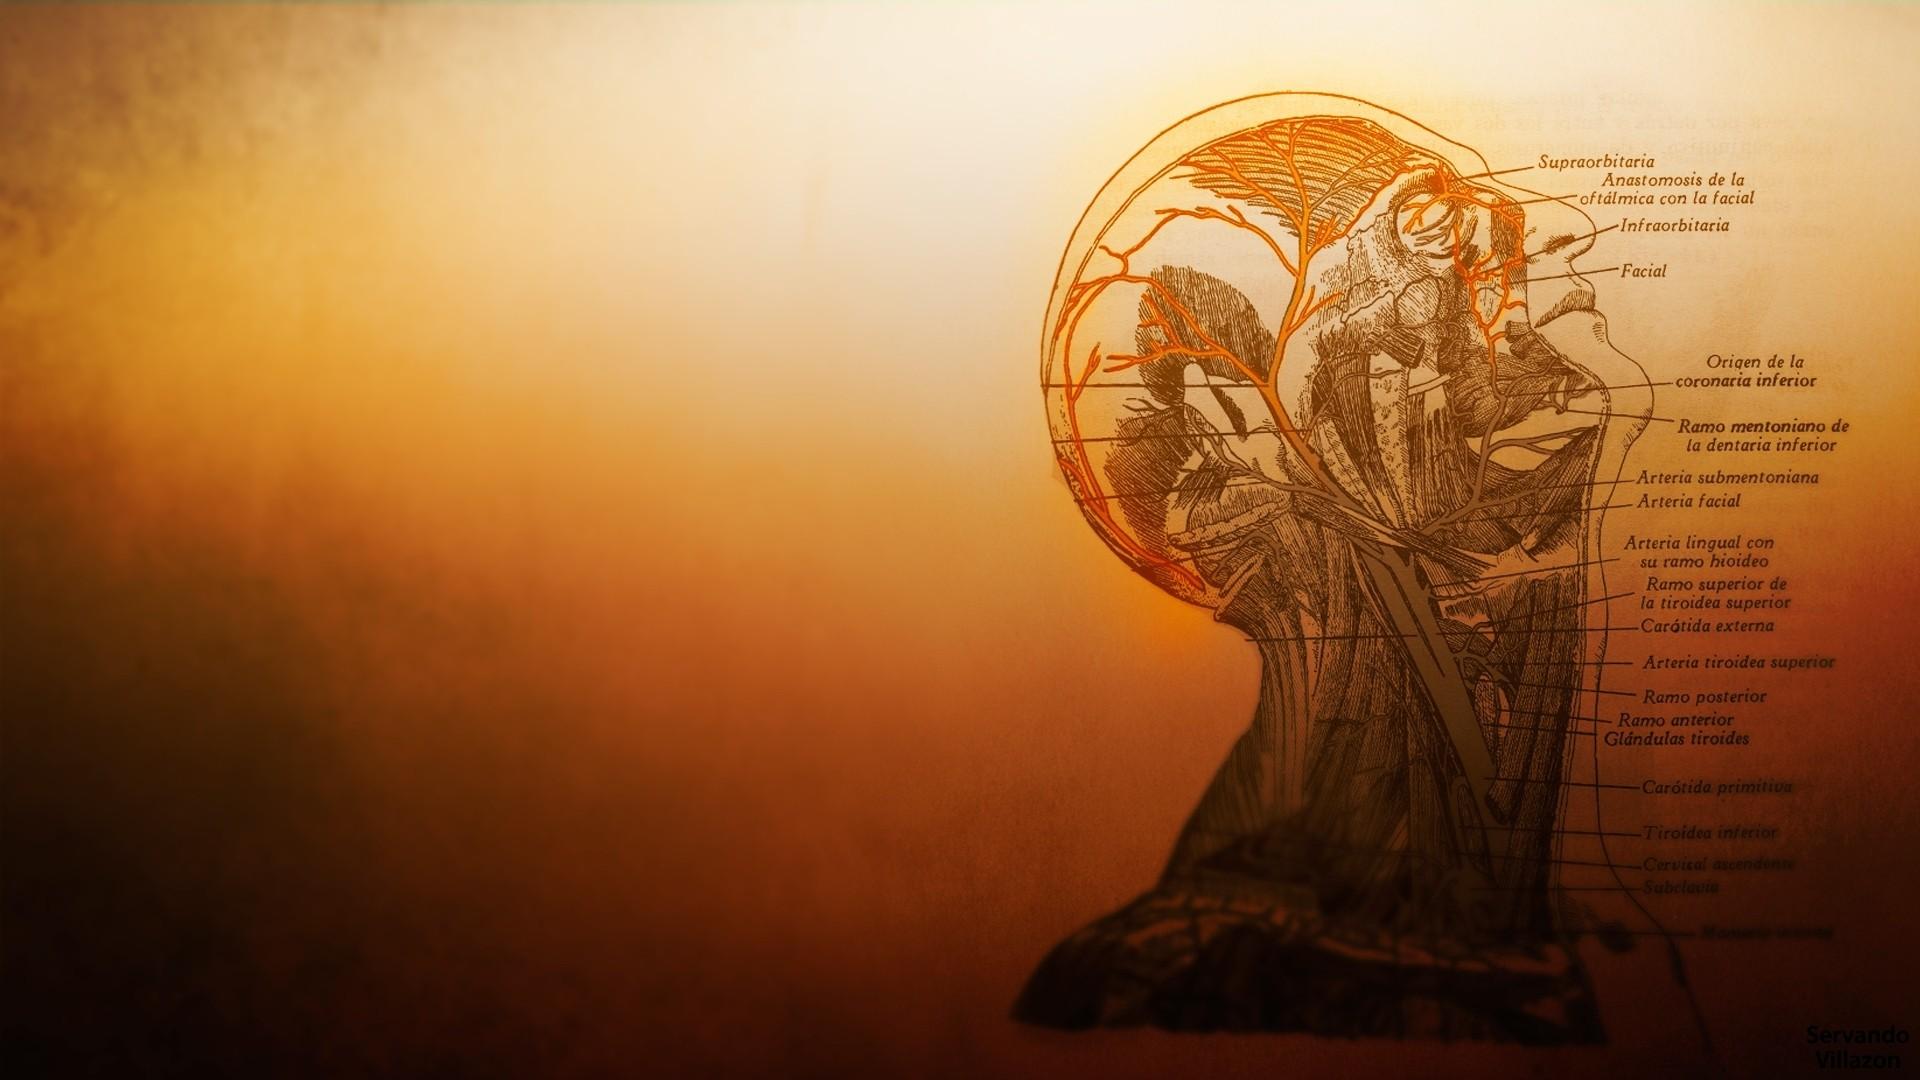 Wallpaper : Temple, Sunlight, Morning, Anatomy, Medicine